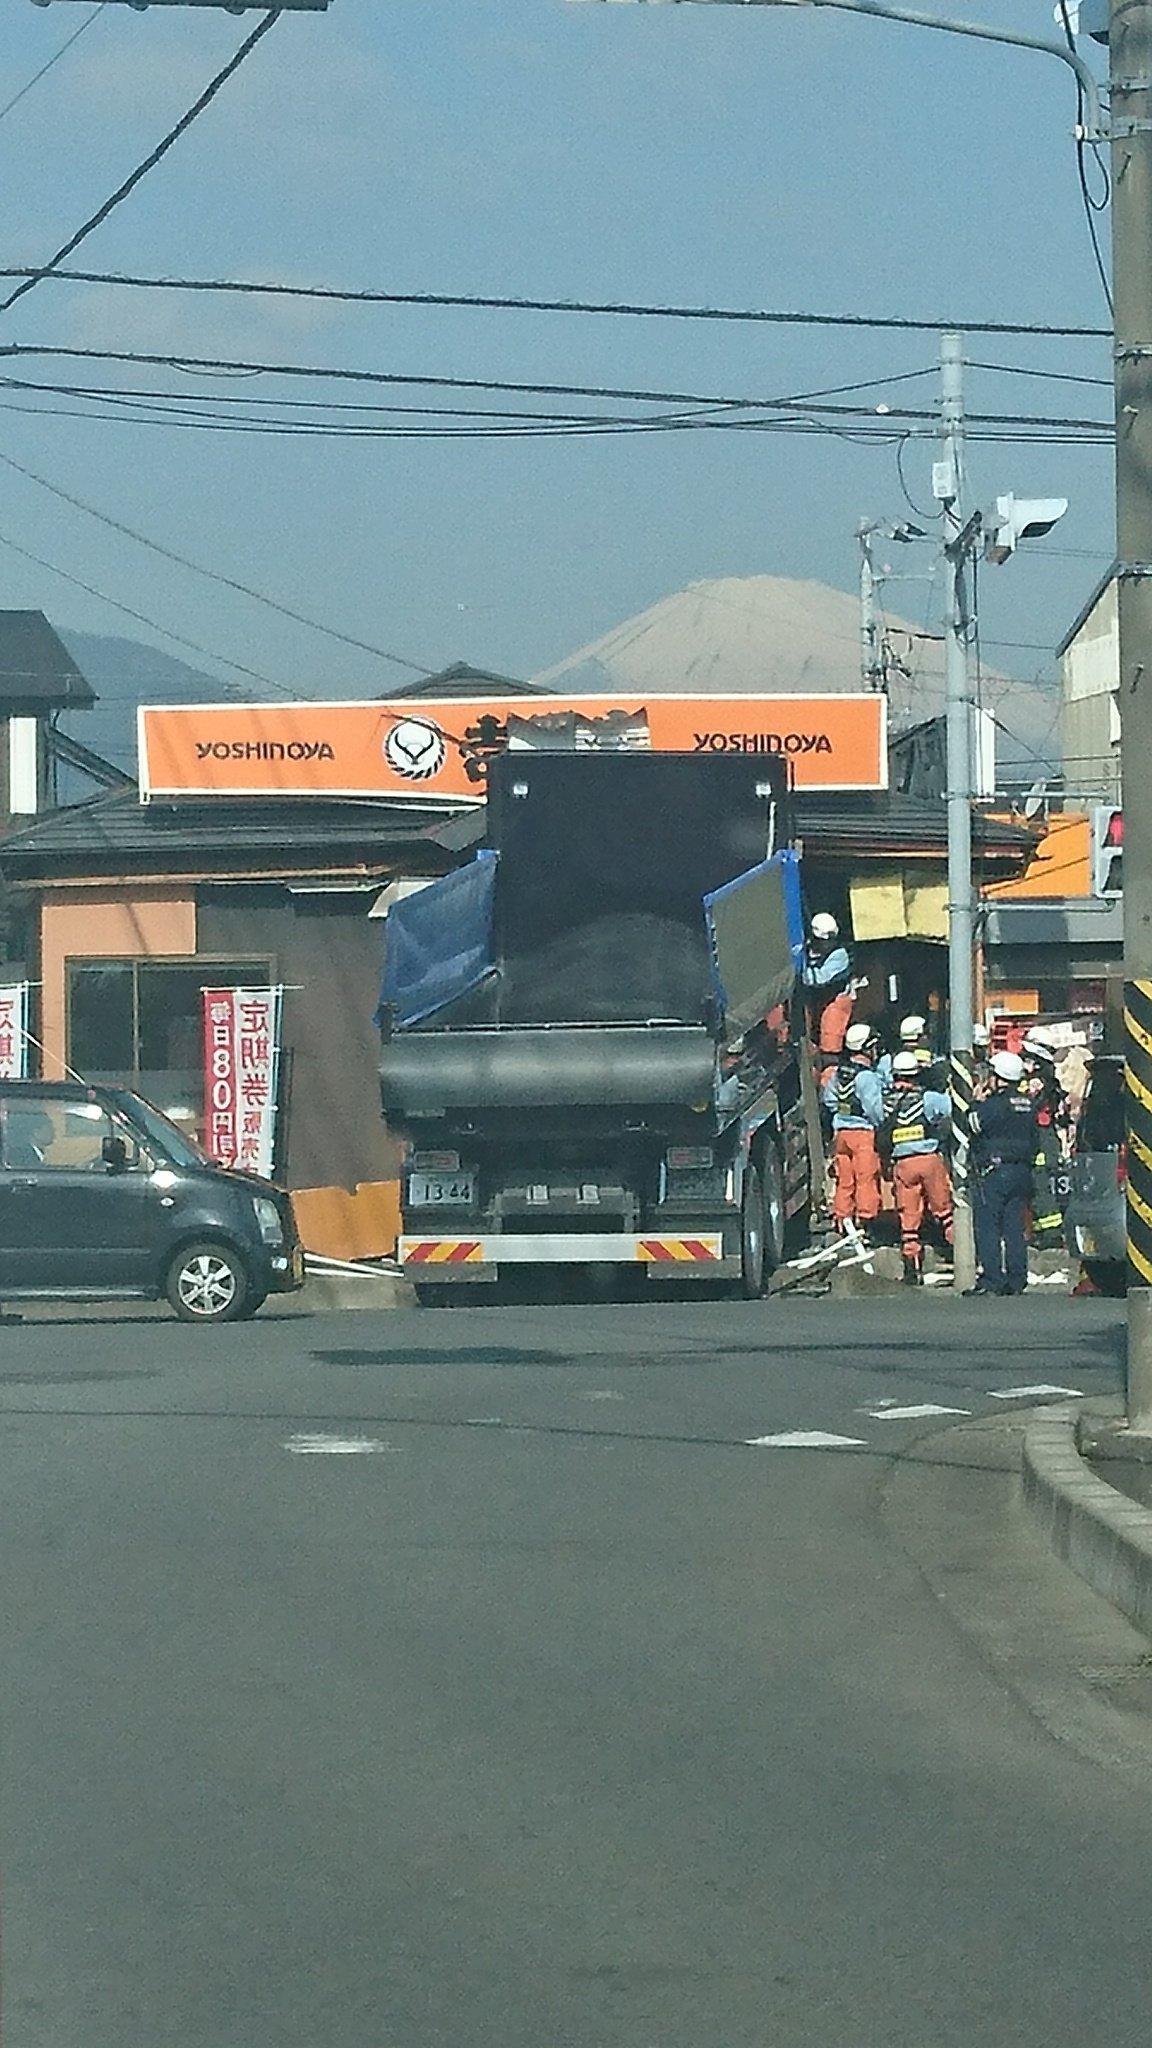 画像,飯泉の吉野家に大型トラックが突っ込んでる大事故 https://t.co/a5m4Pyuu4V。